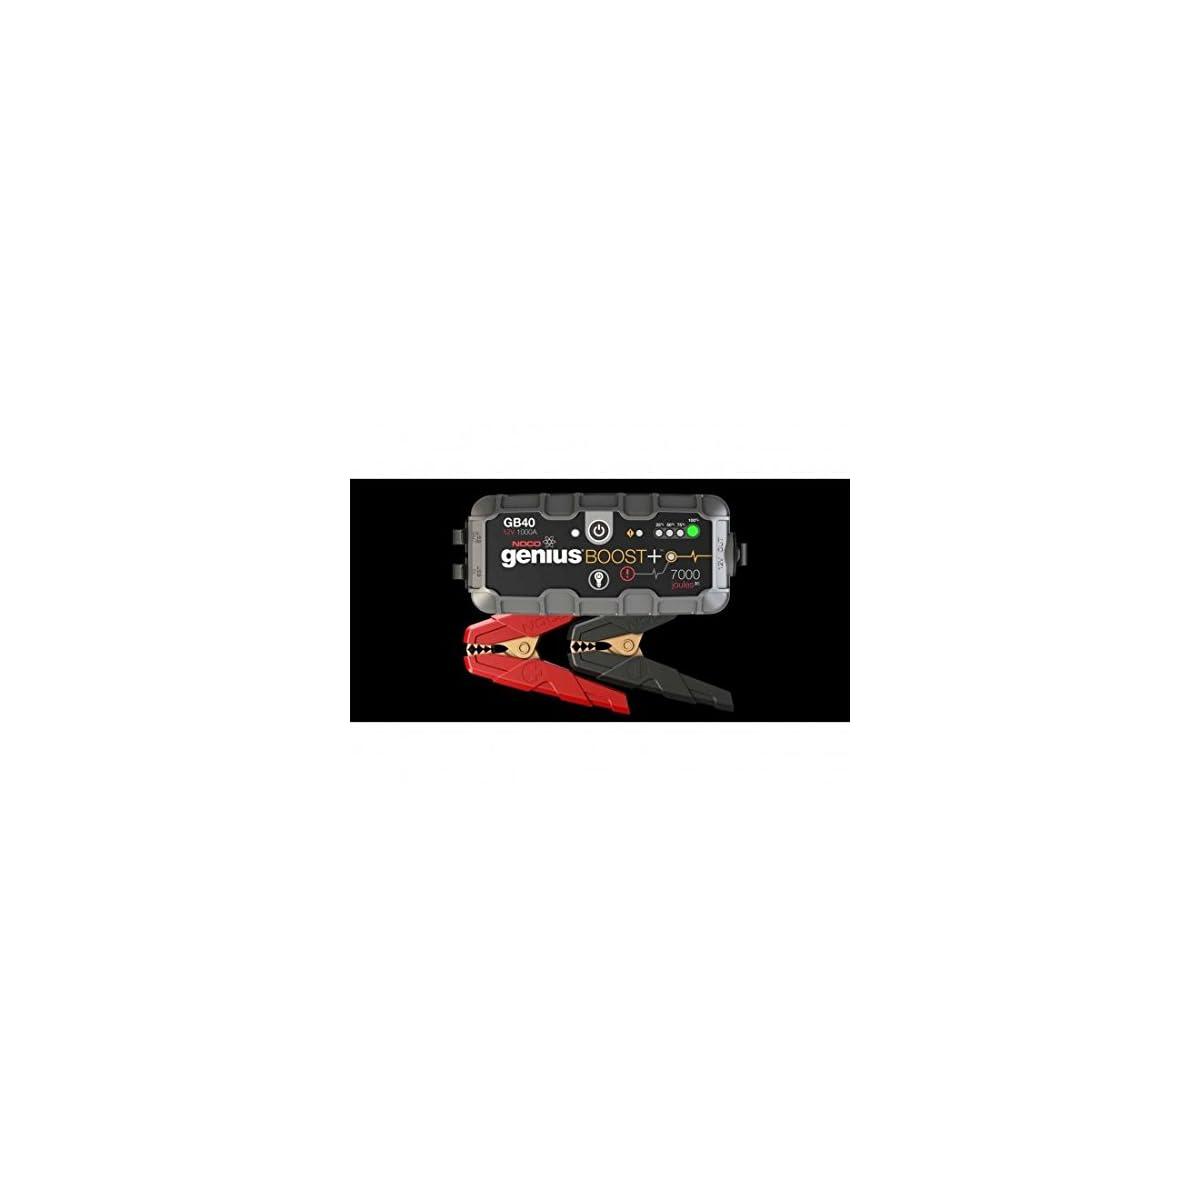 414YpCiwEXL. SS1200  - Booster de batería NOCO GB40litio 12V 1000A-Noco 010176